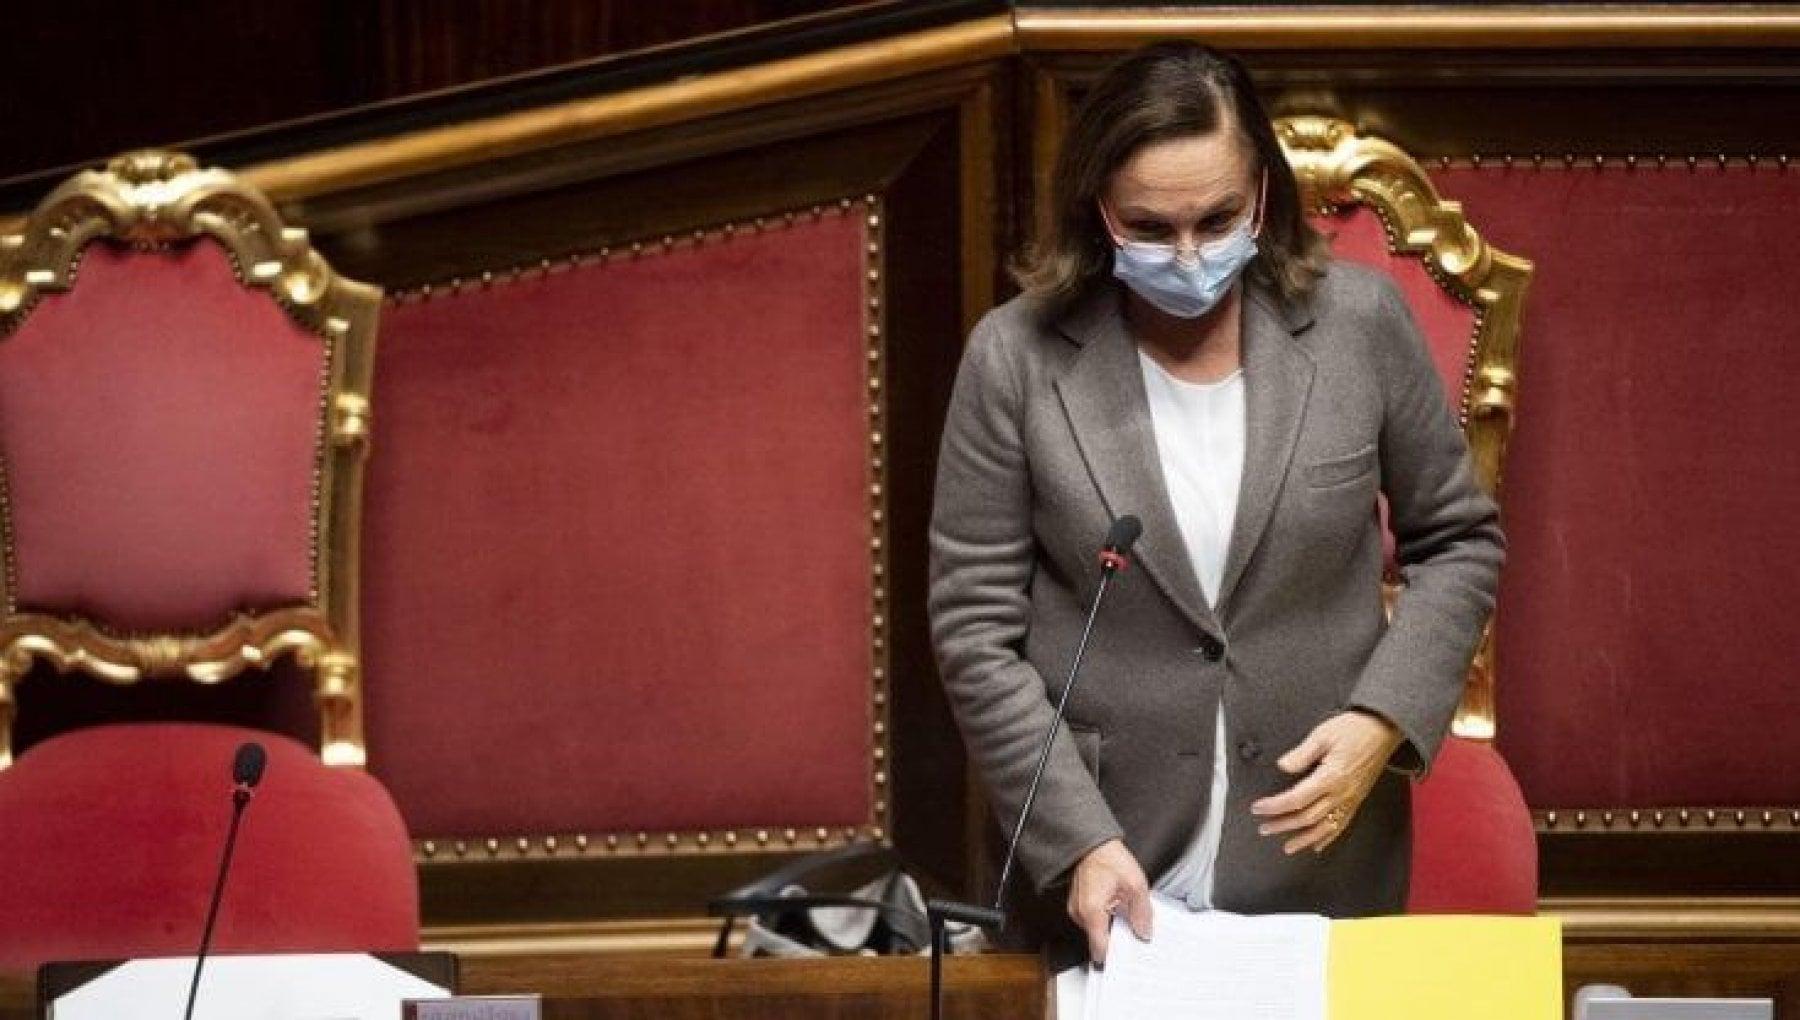 Covid la ministra Lamorgese e negativa il risultato del primo tampone era un falso positivo